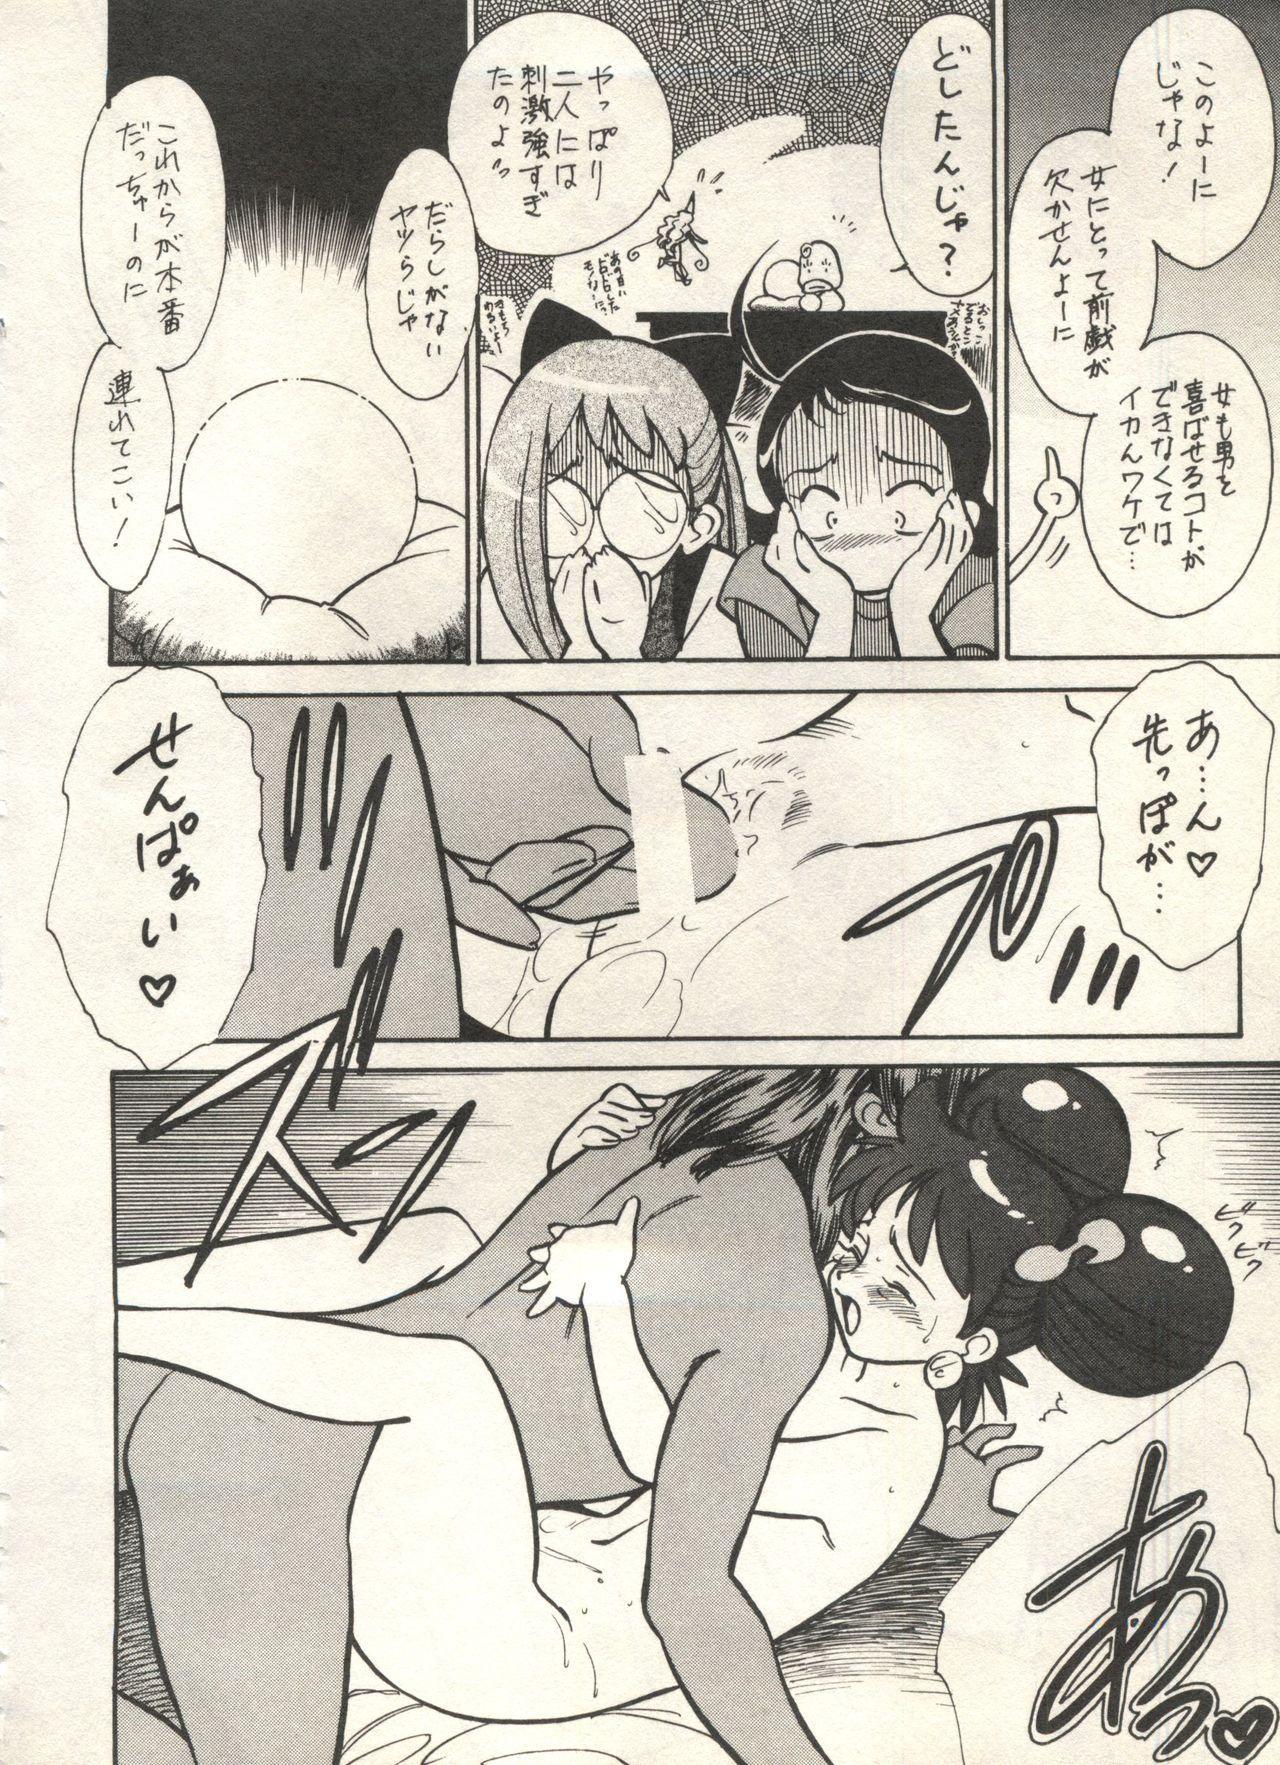 Bishoujo Shoukougun 2000 Manga-Anime Hen 229